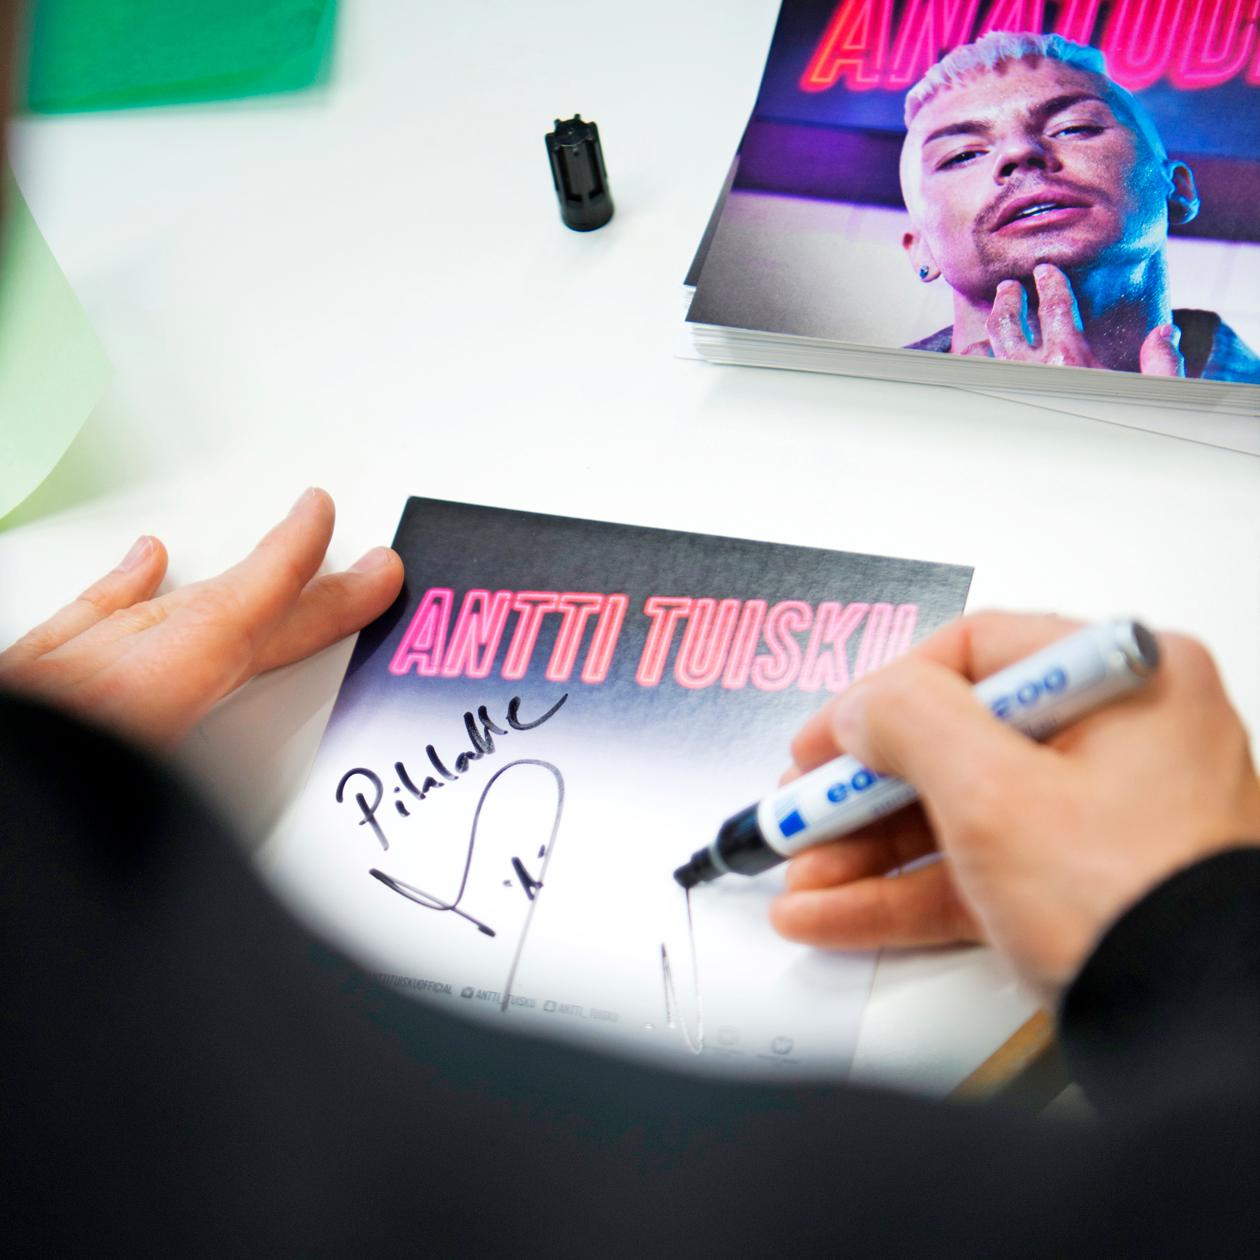 Antti Tuisku kirjoittaa nimmareita